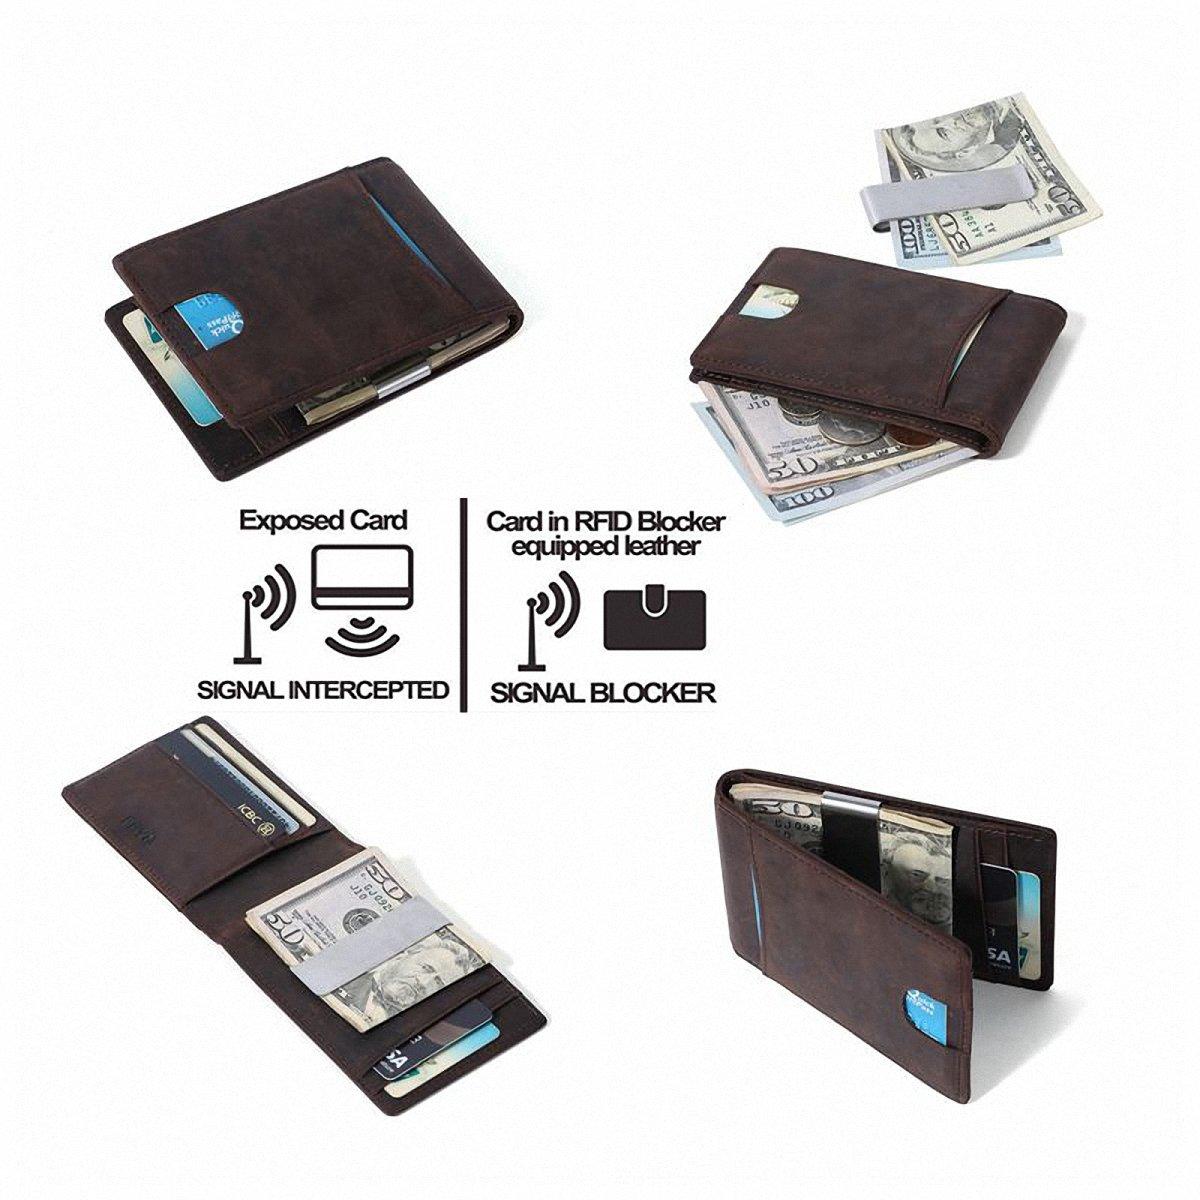 Cartera Hombre Con Monedero,Billetera Hombre Pequeña,Tarjetas de Crédito Slim Moda RFID Bloqueo Monedero de Cuero para Cartera ID,RFID para hombre Estilo ...